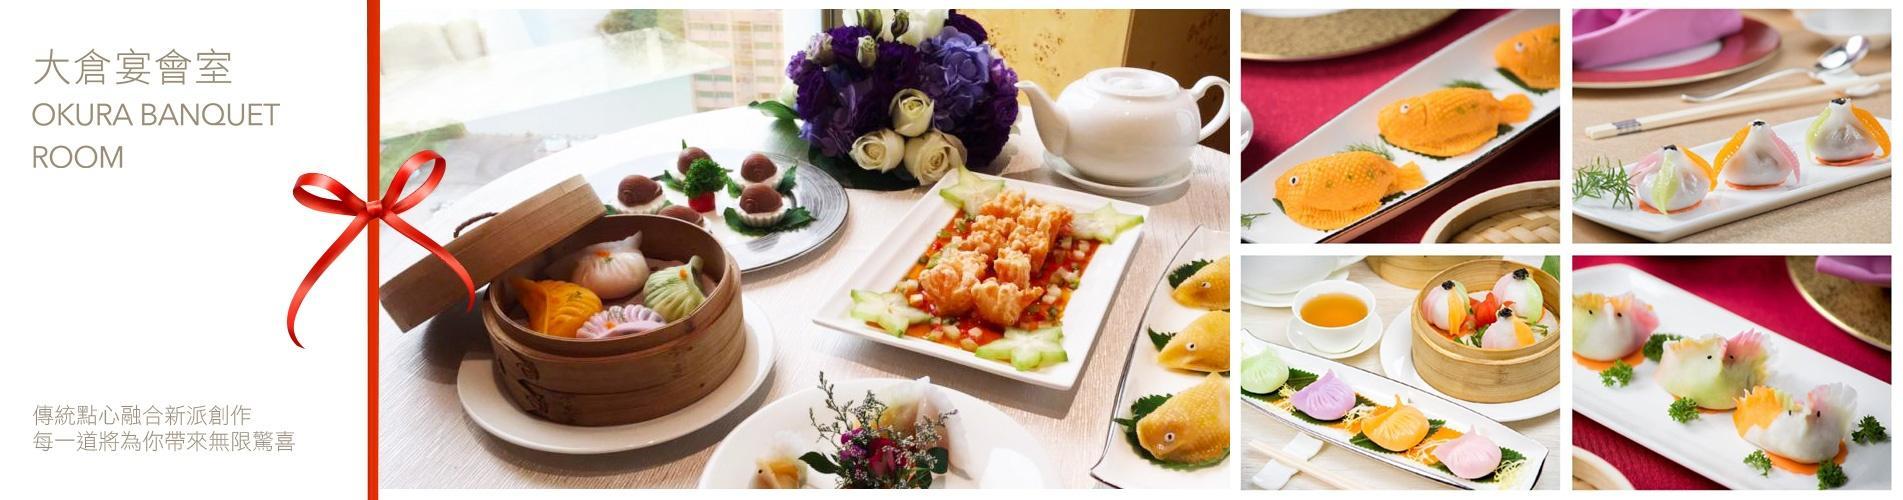 澳門大倉酒店「大倉宴會室」中式點心套餐